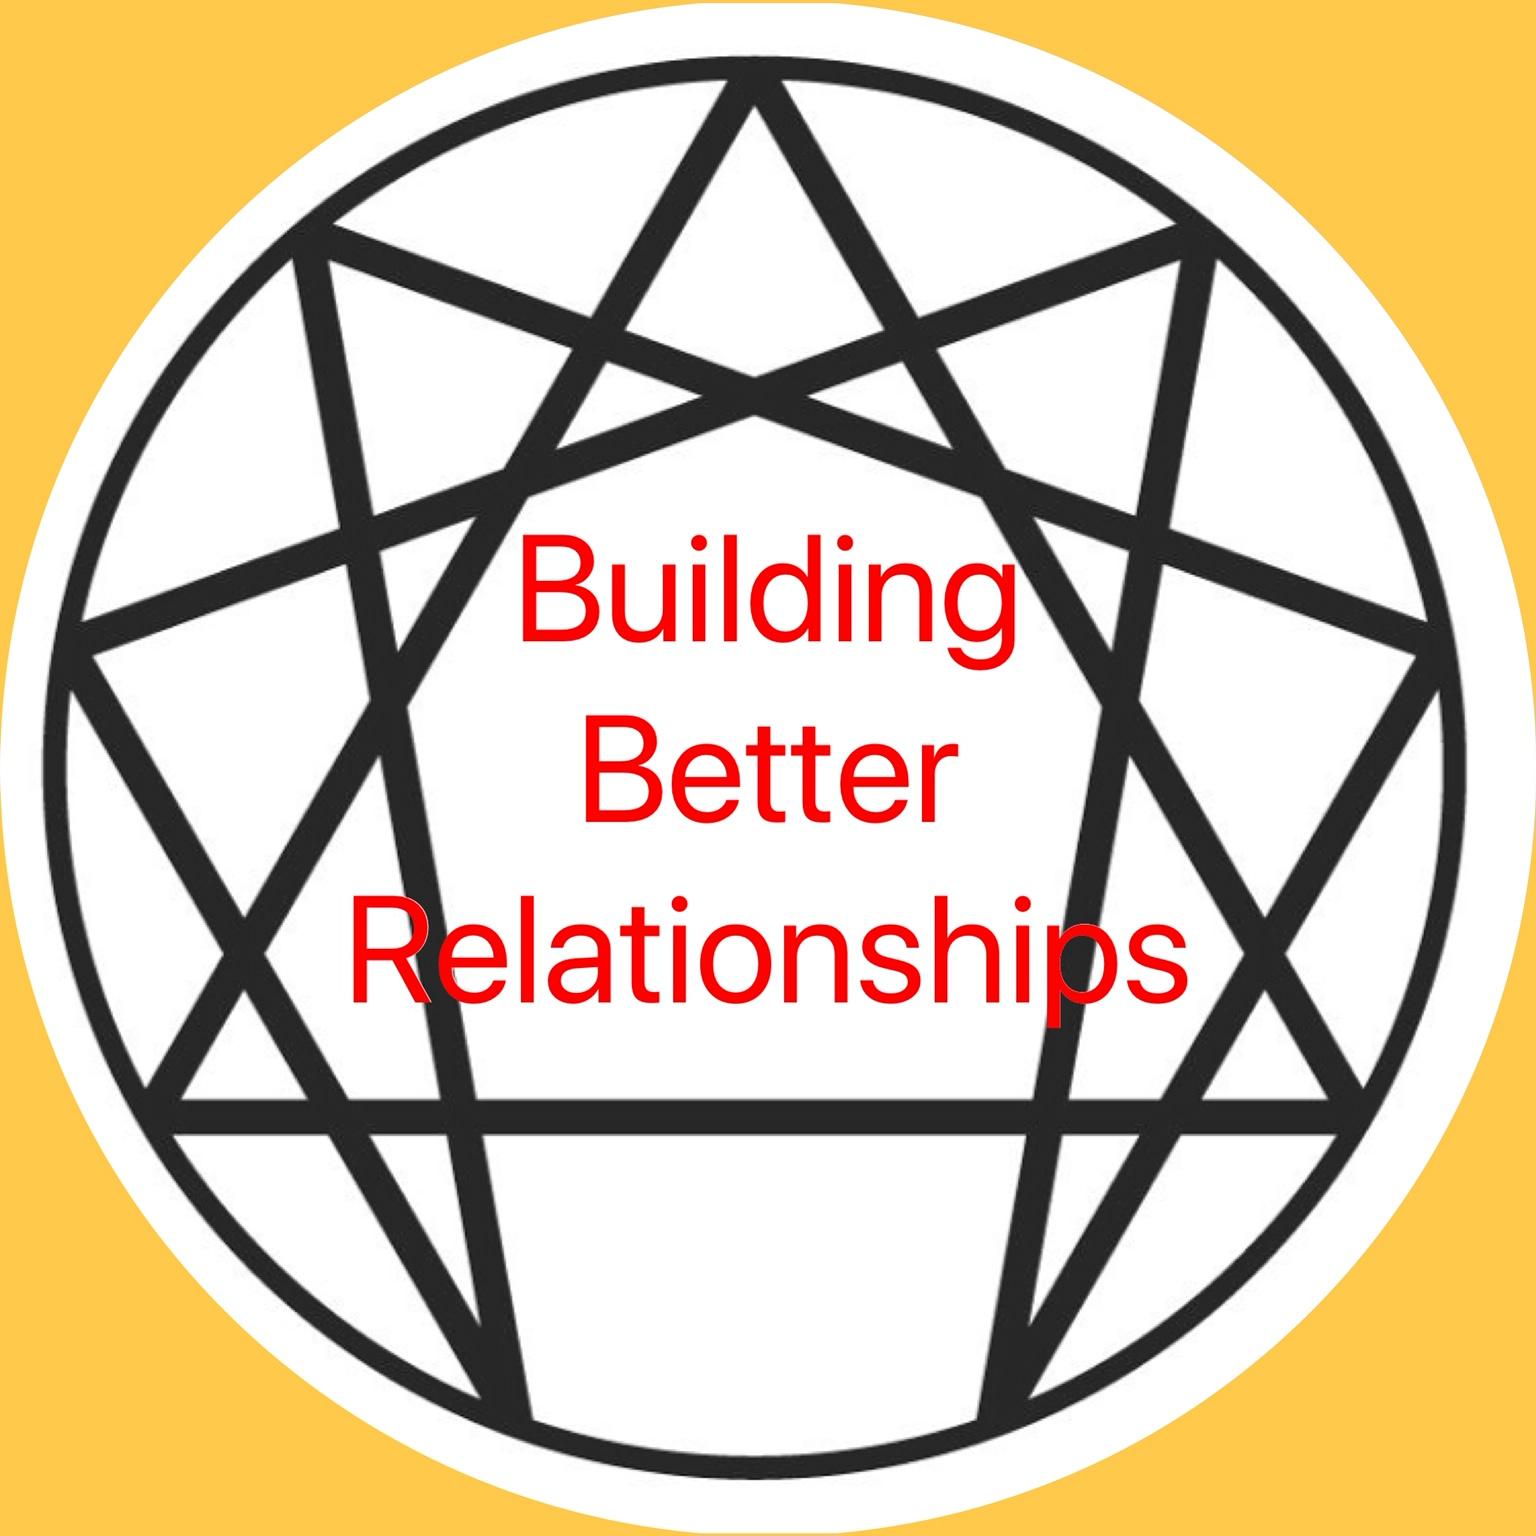 Building Better Relationships Workshop The Enneagram